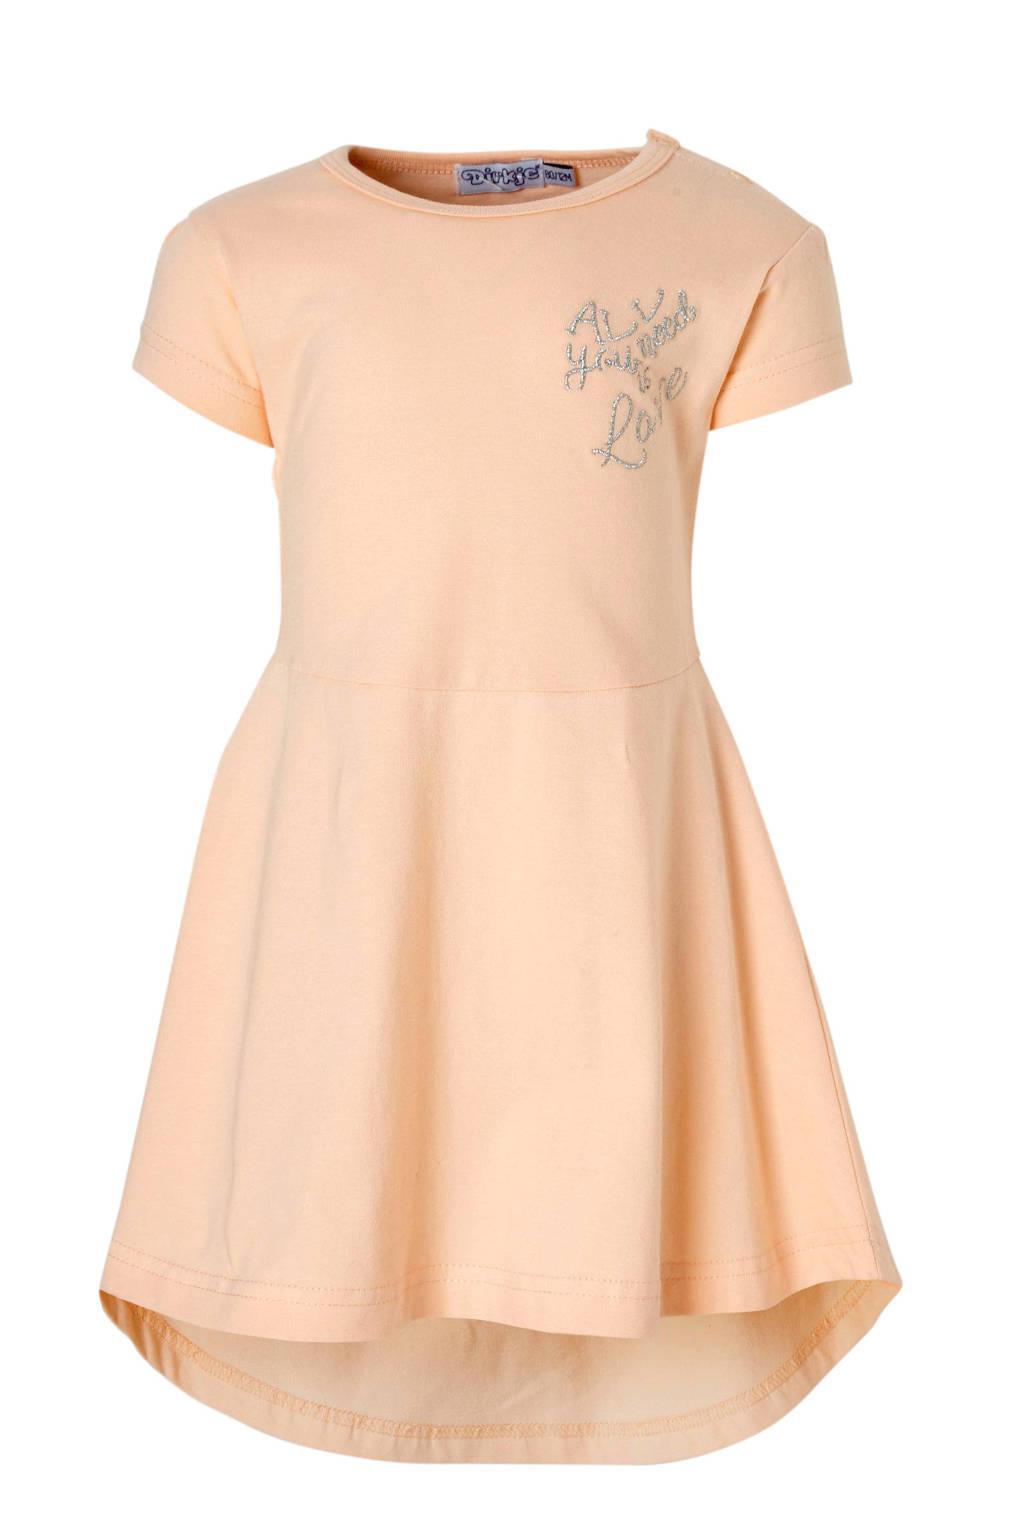 Dirkje jersey jurk met tekst lichtoranje, Lichtoranje